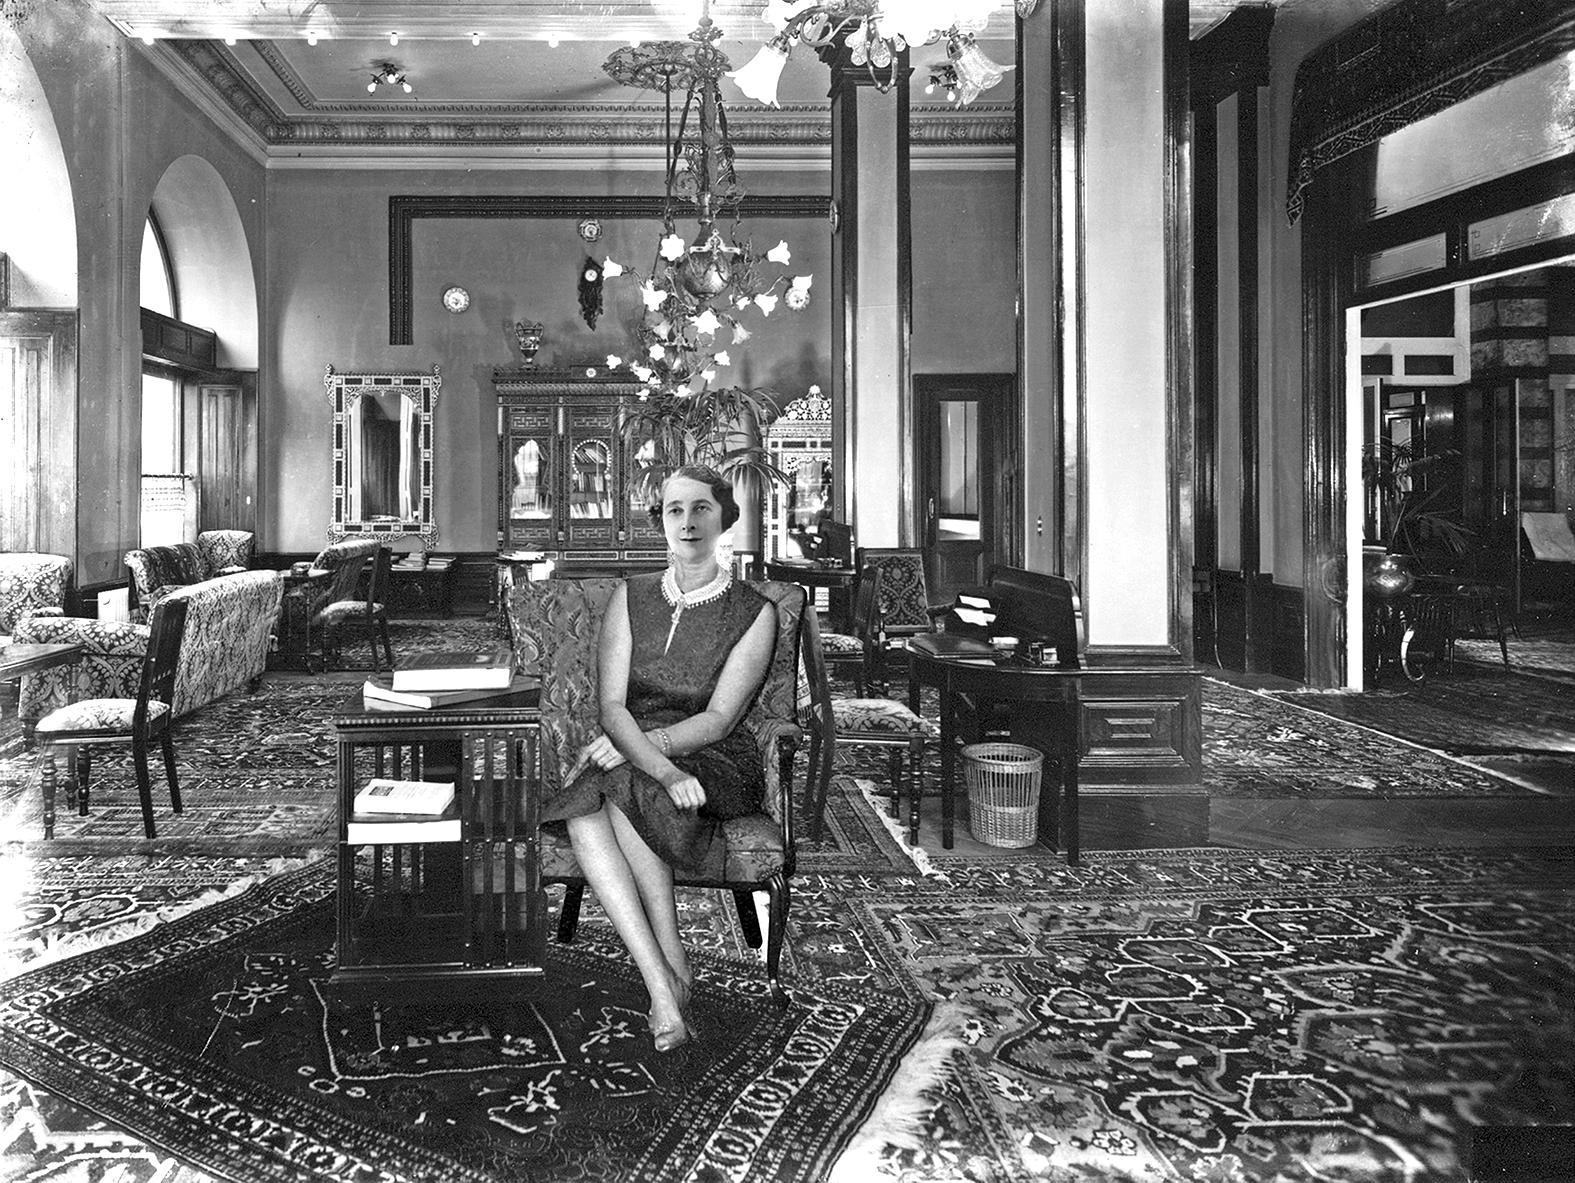 le crime de l orient express revit pour la black week turque aujourd 39 hui la turquieaujourd. Black Bedroom Furniture Sets. Home Design Ideas